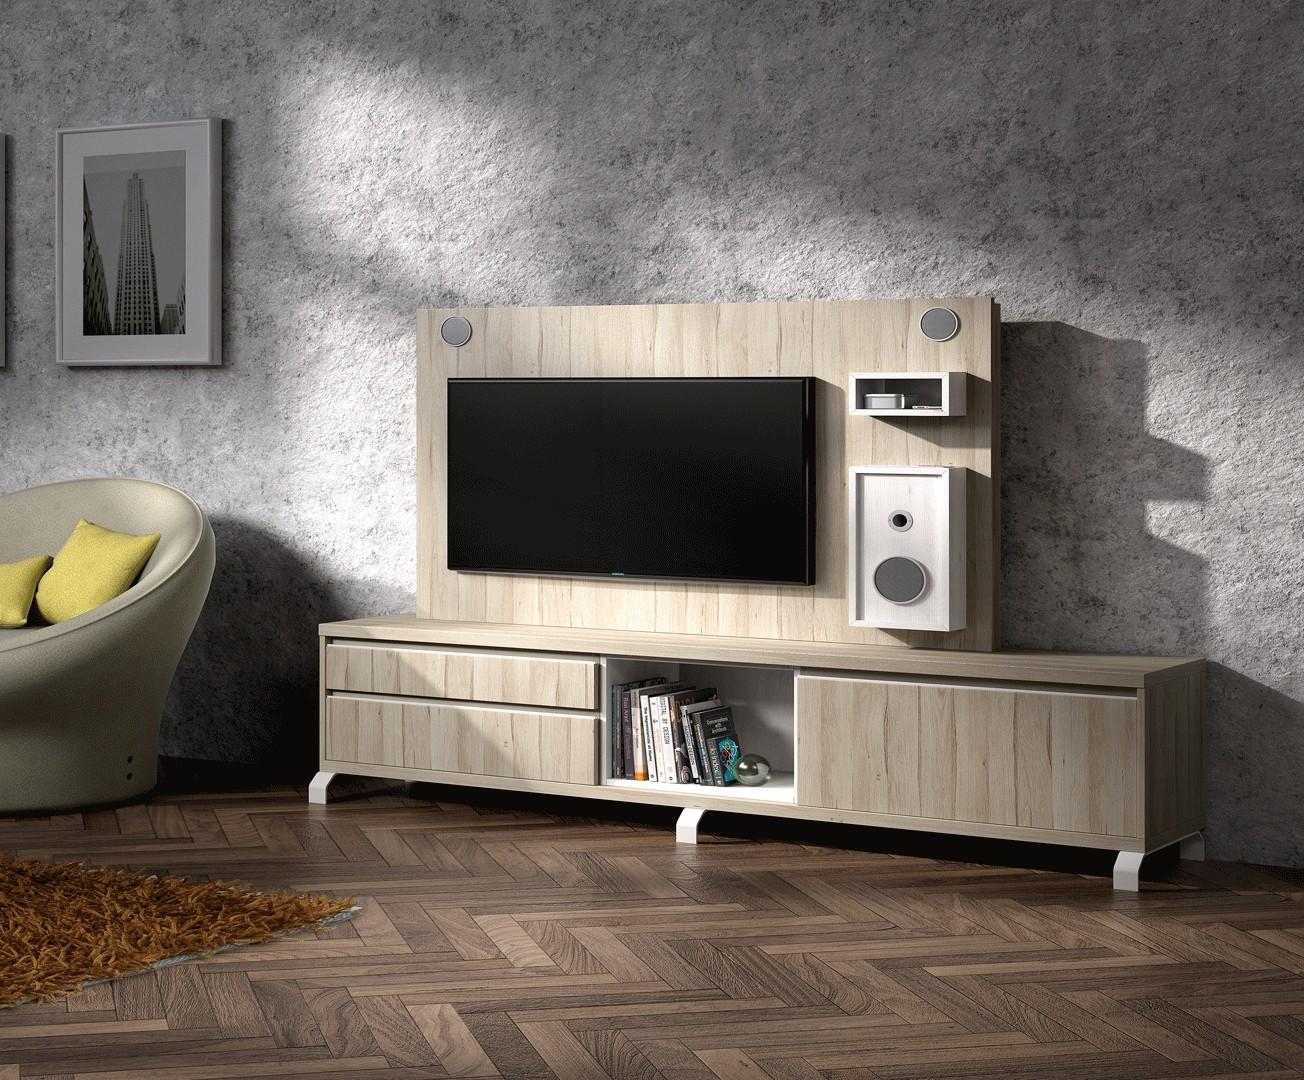 Meuble Tv Design Et Panneau Tv Avec Enceintes Int Gr Es Nora K46  # Meuble Tv Avec Enceintes